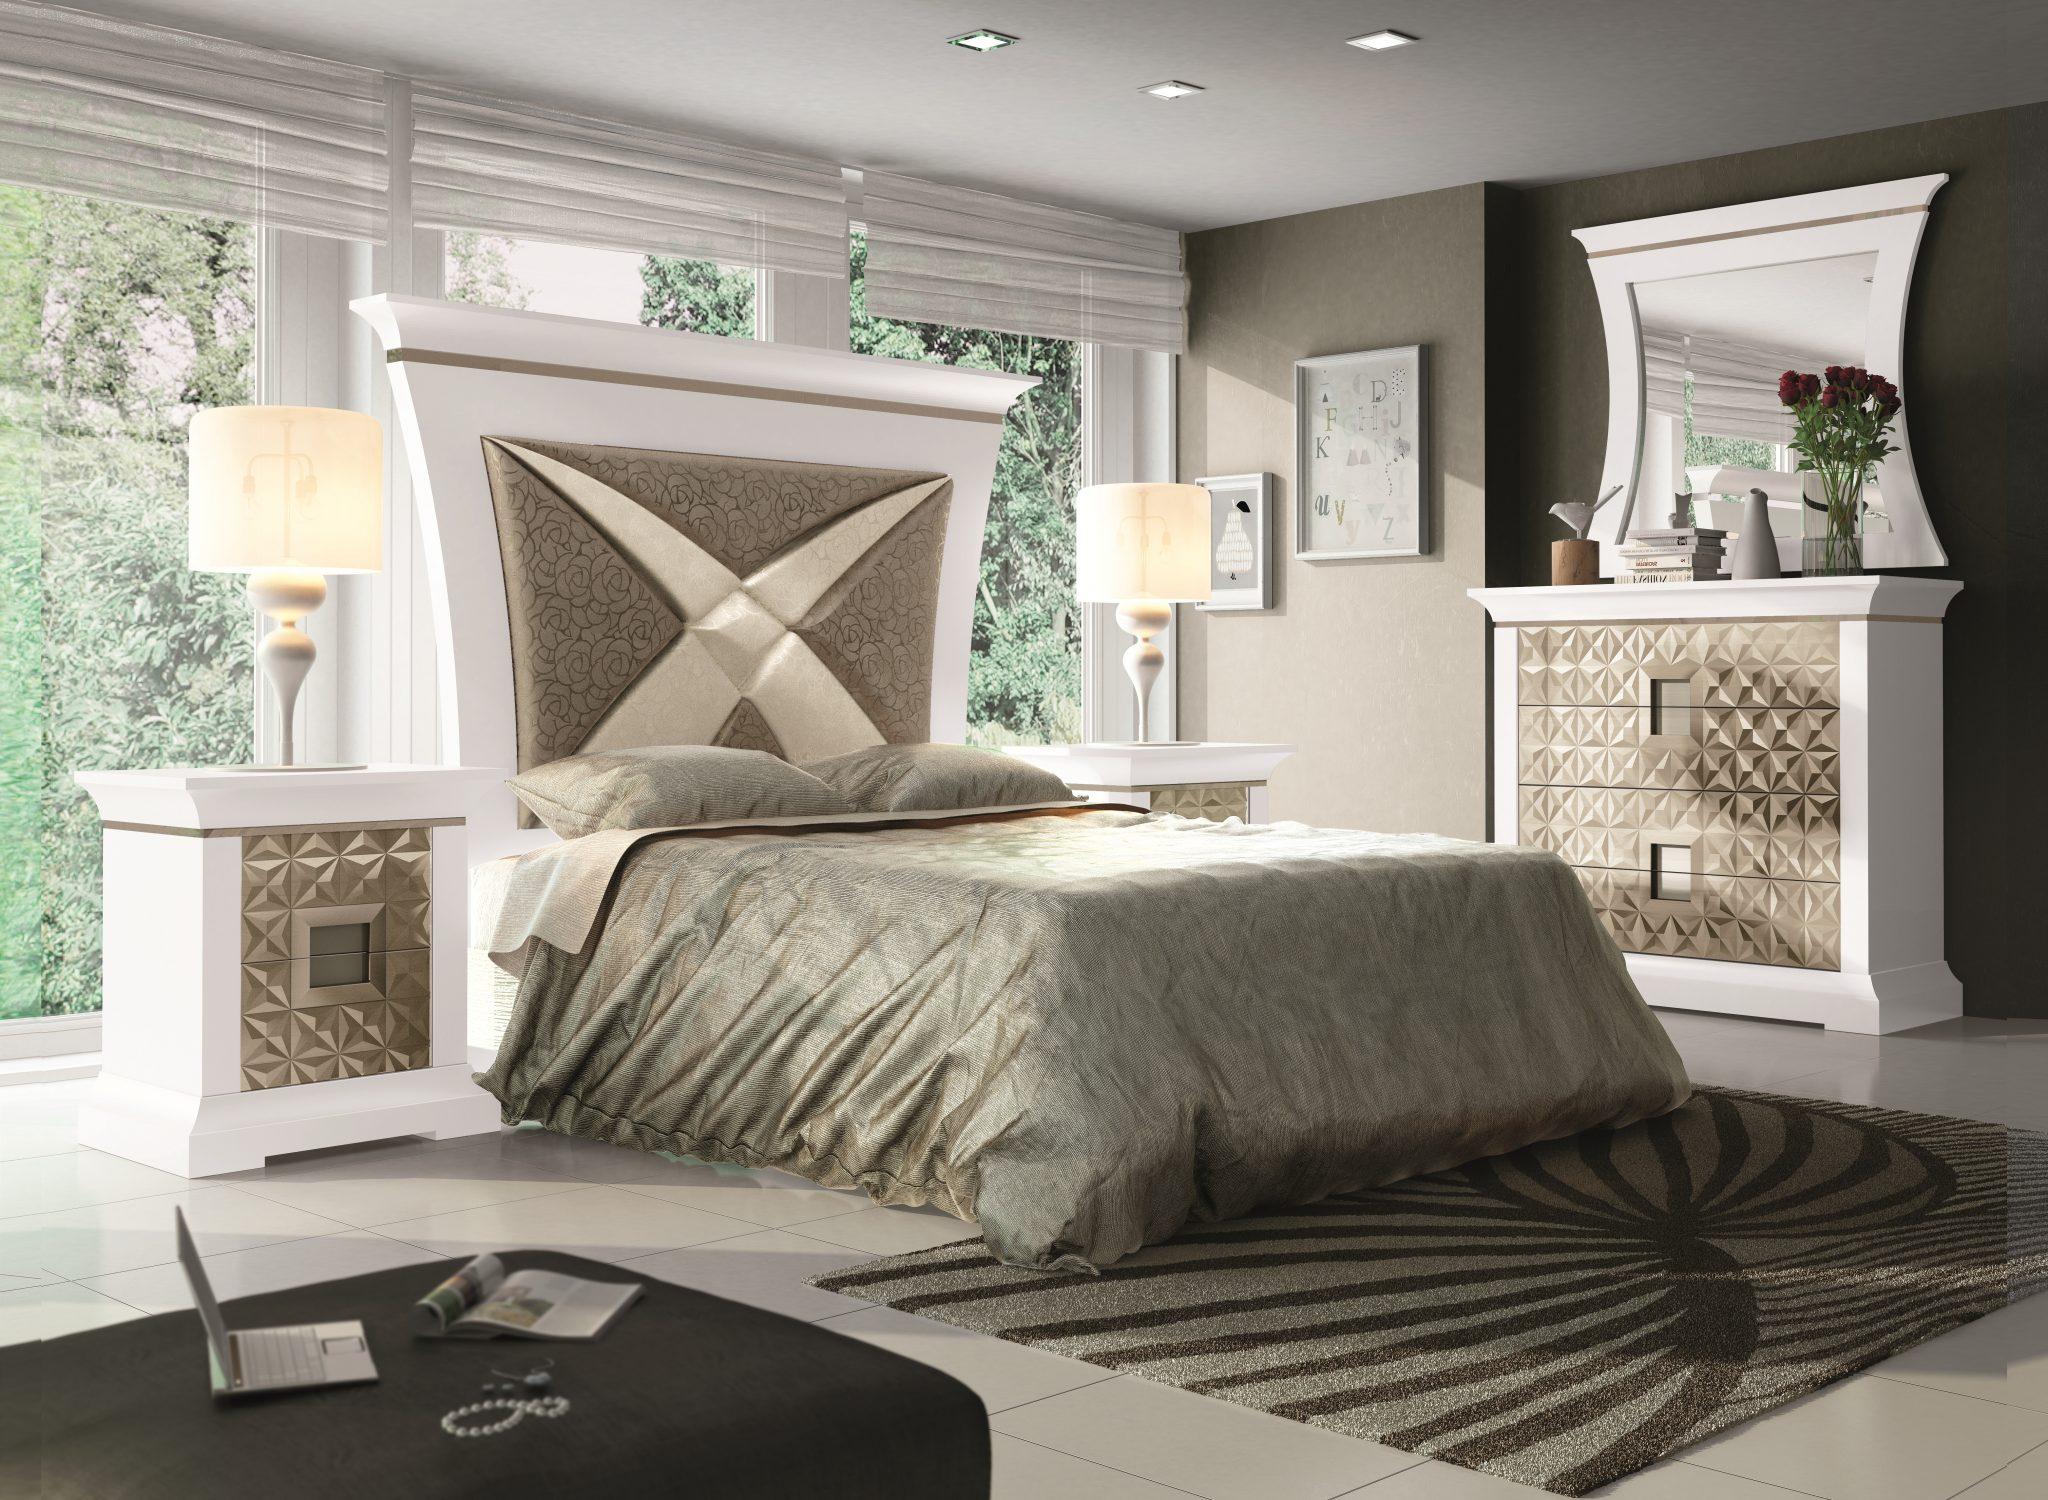 GRP-SPJ Dormitorio PREMIUM - Lacado Blanco, Plara anticuariol, Cromo, Fantasía círculos plata y Tiguer 21 (Página 34 - Variante 05) ALTA (espejos)